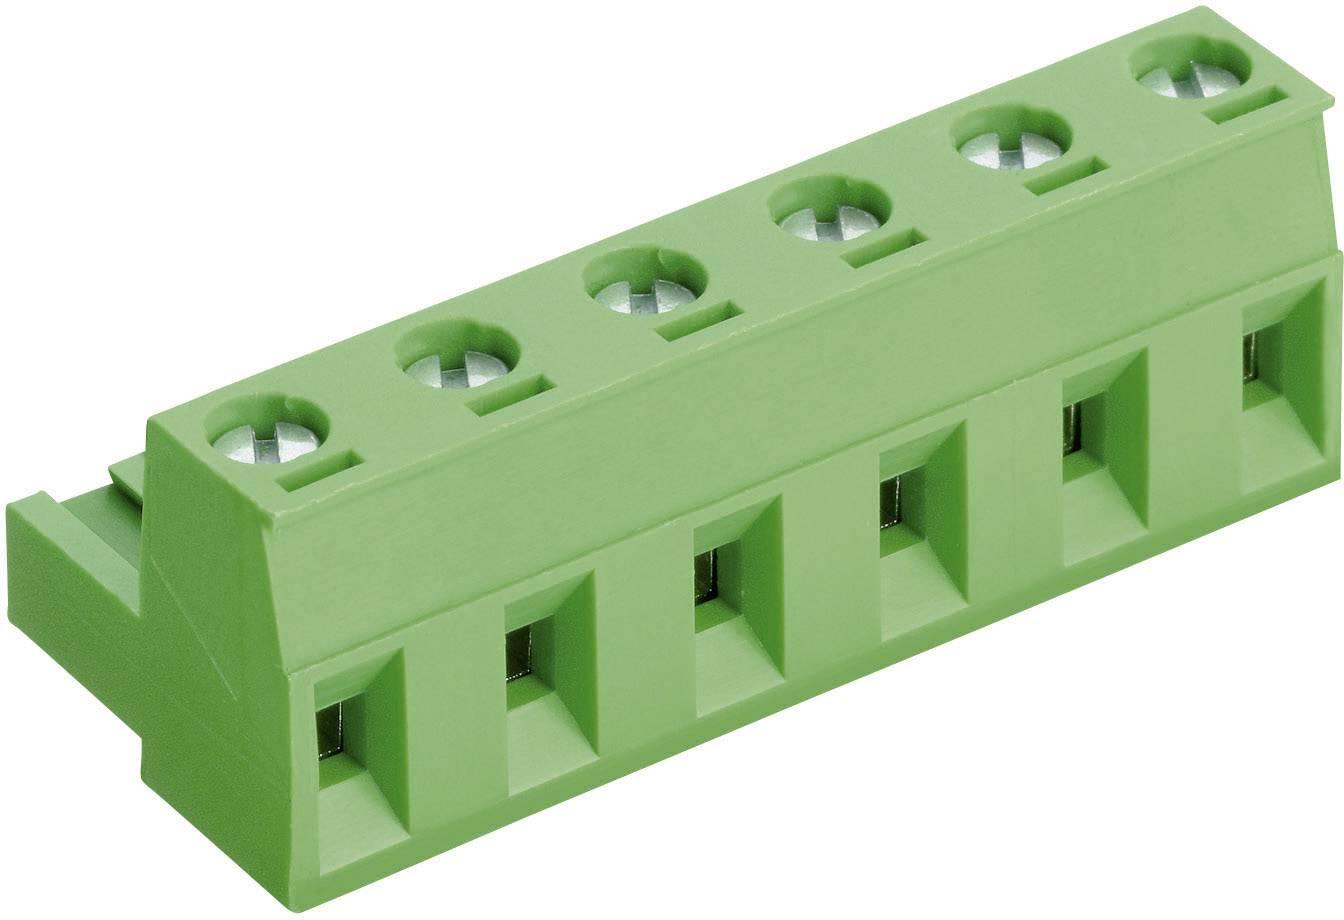 Zásuvkové púzdro na kábel PTR AKZ960/5-7.62 50960050021E, 36.10 mm, pólů 5, rozteč 7.62 mm, 1 ks